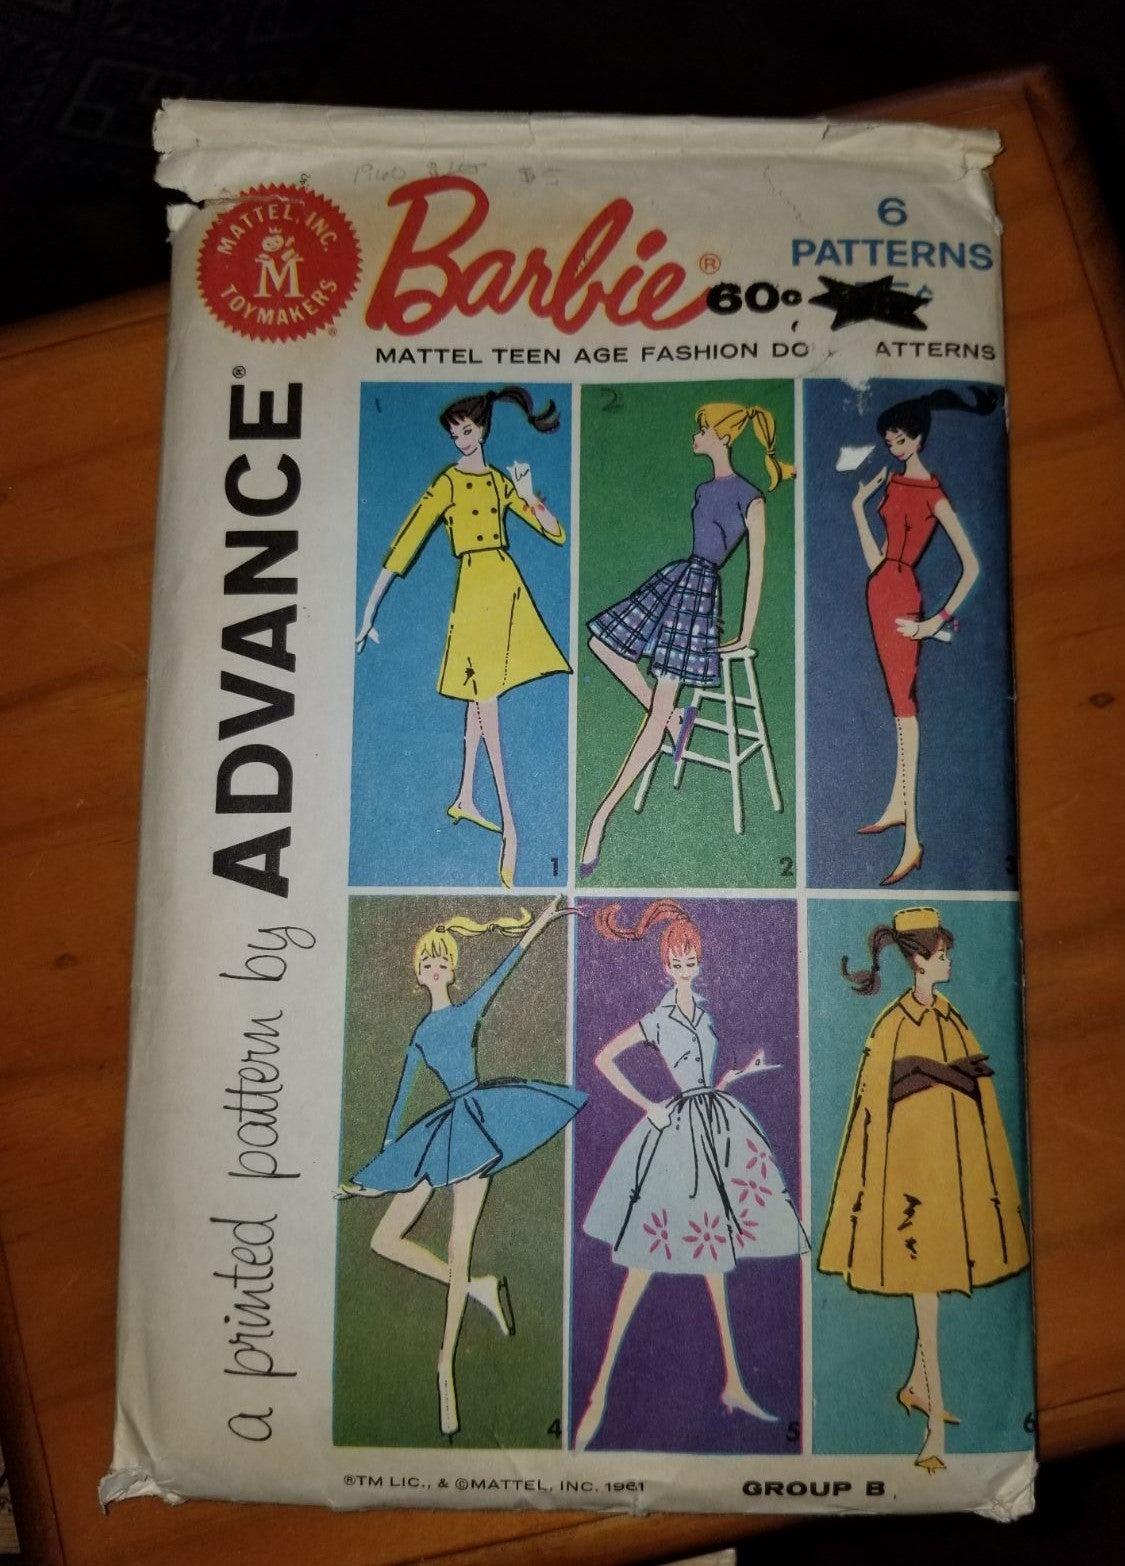 1961 Barbie Mattel Teen Age pattern